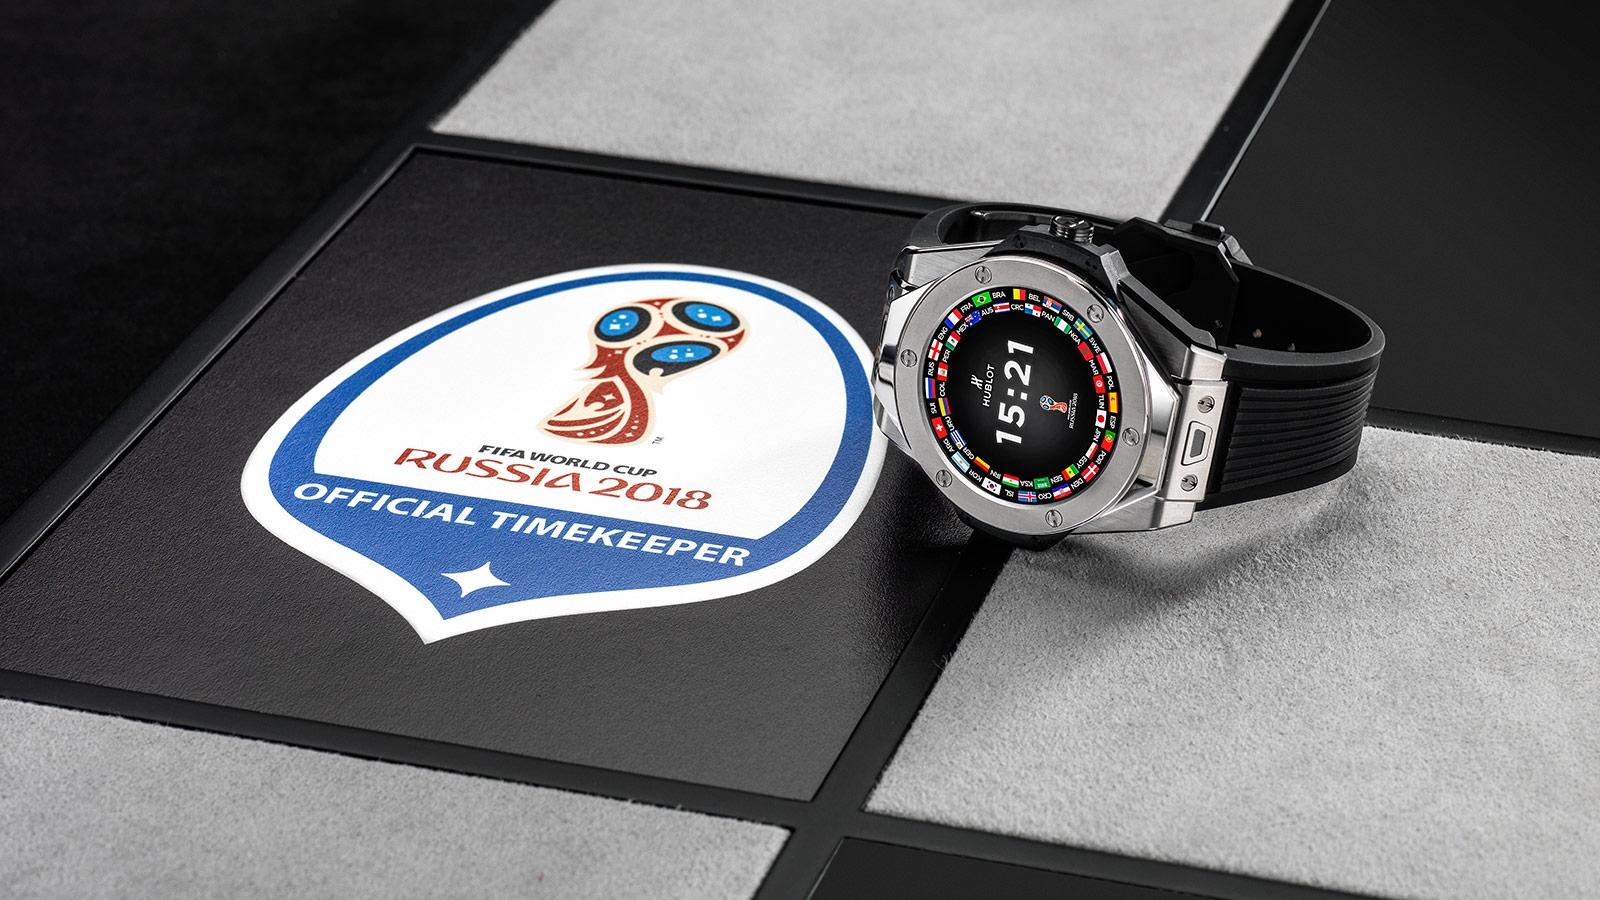 Hublot выпустила официальные часы чемпионата мира в Российской Федерации